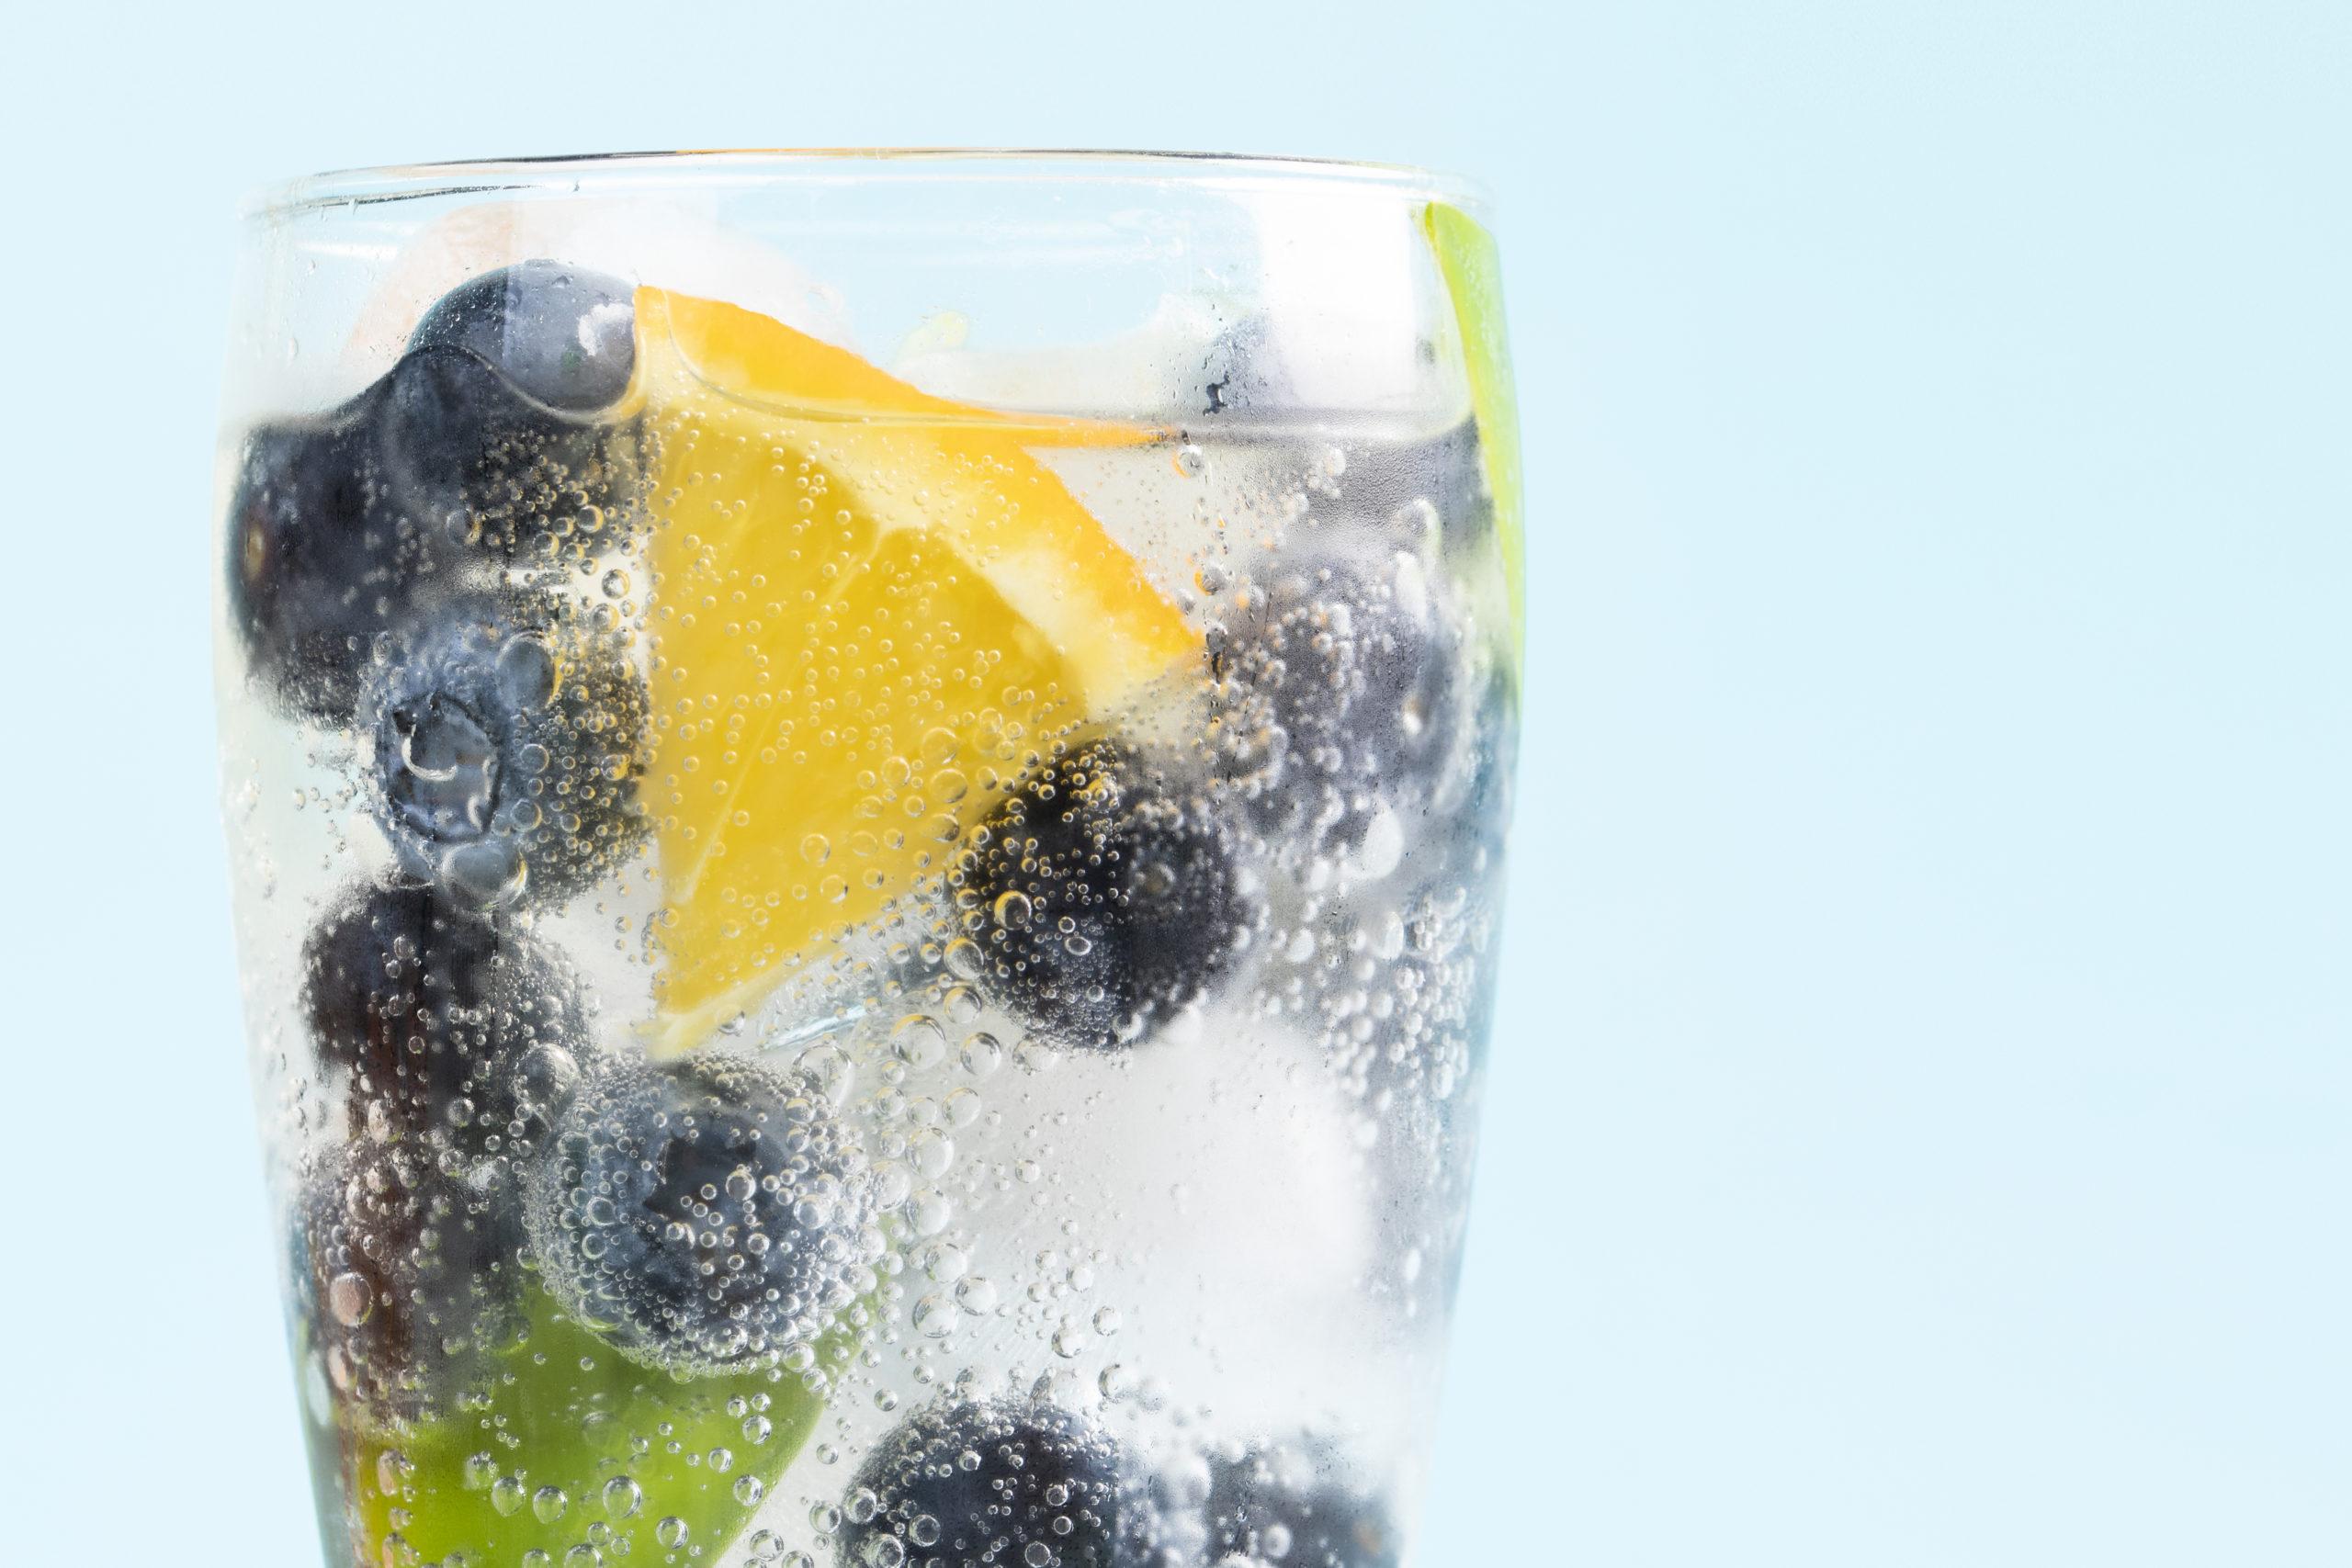 气泡水与无酒精饮料的夏天怎么能少了葡萄籽?